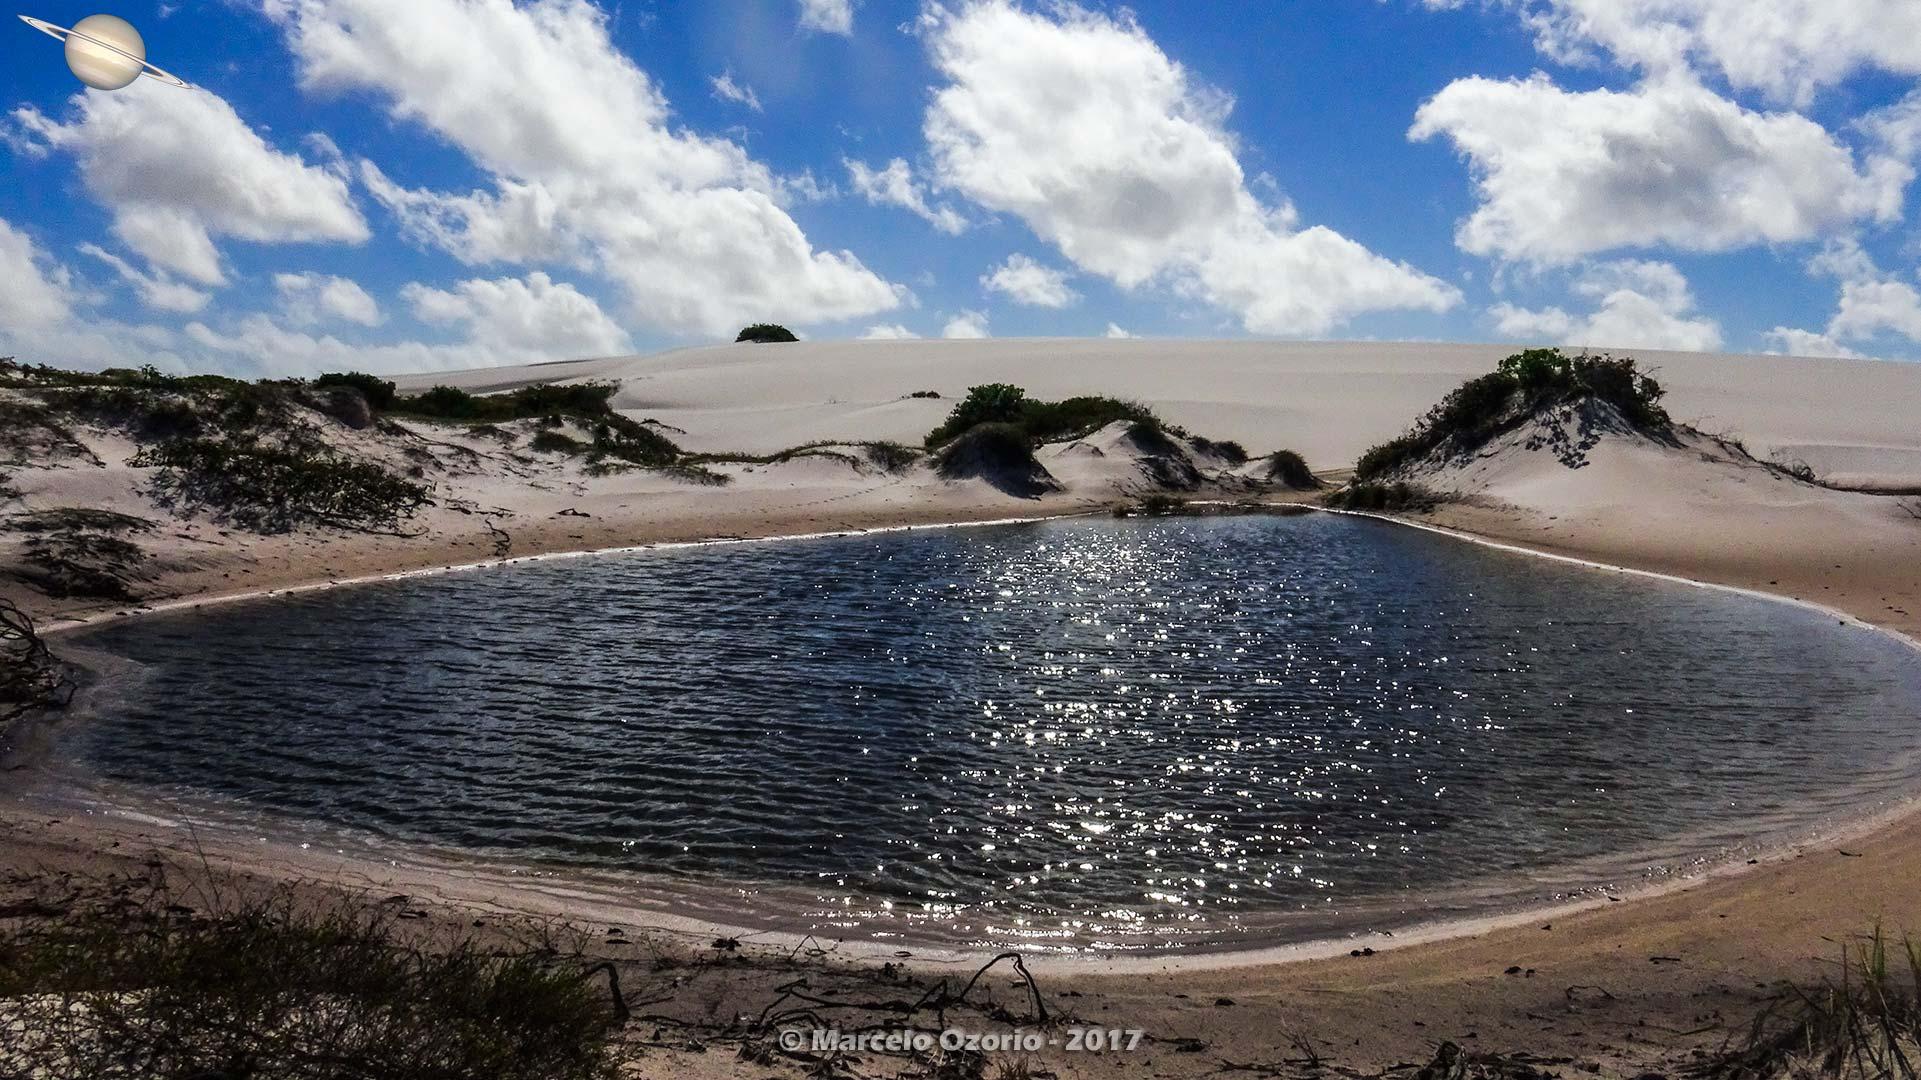 dia 3 explorando lencois maranhenses 43 - Explorando o Centro do Parque Nacional dos Lençóis Maranhenses - Brasil